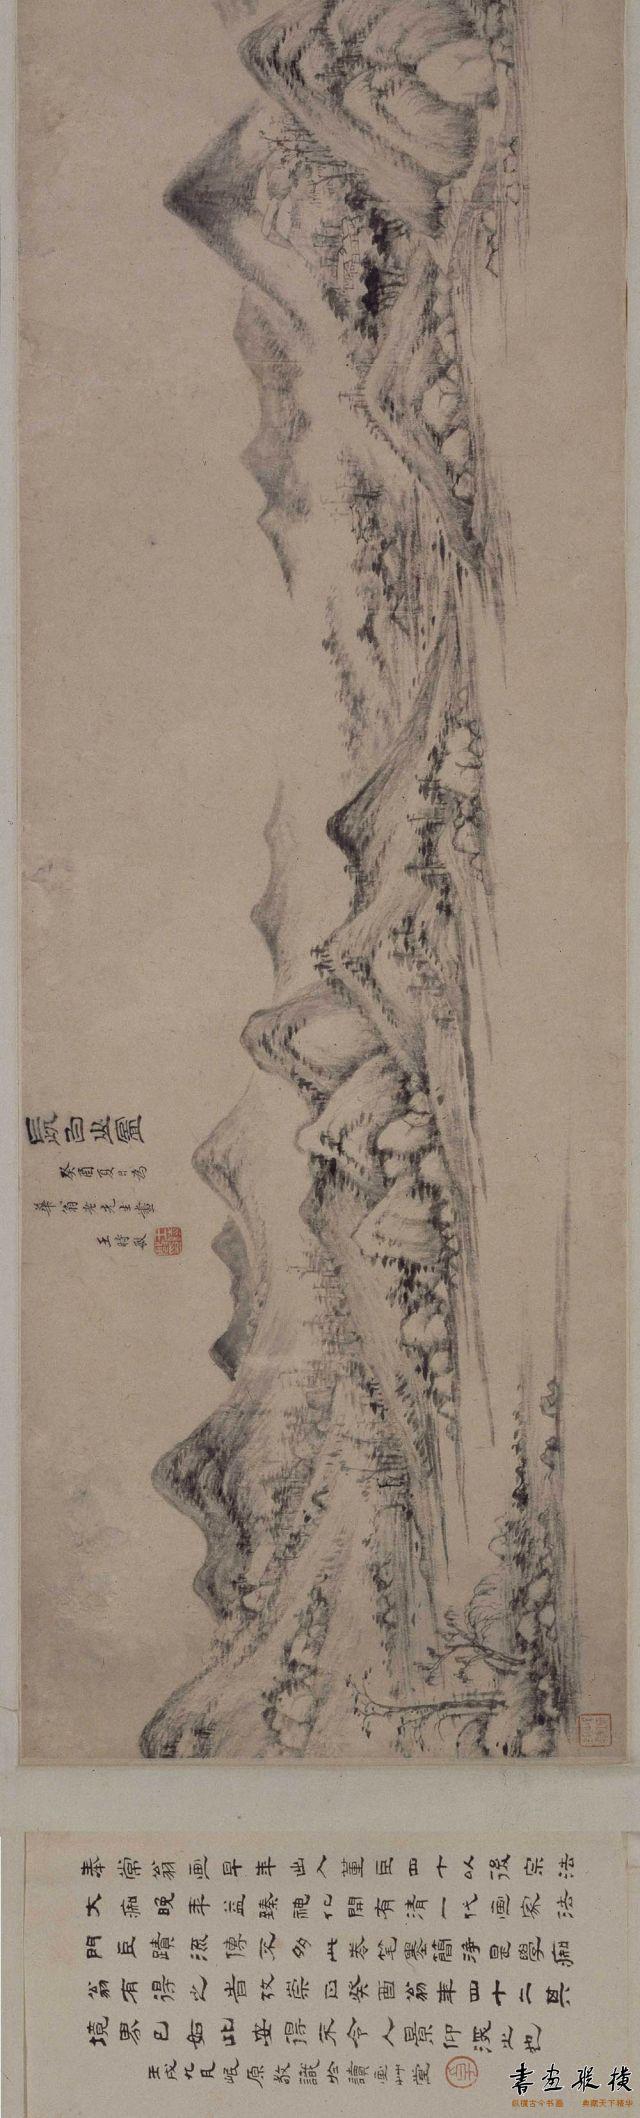 清 王时敏 长白山图卷 纸本 墨笔 纵31.5厘米 横201厘米 故宫博物院藏 002